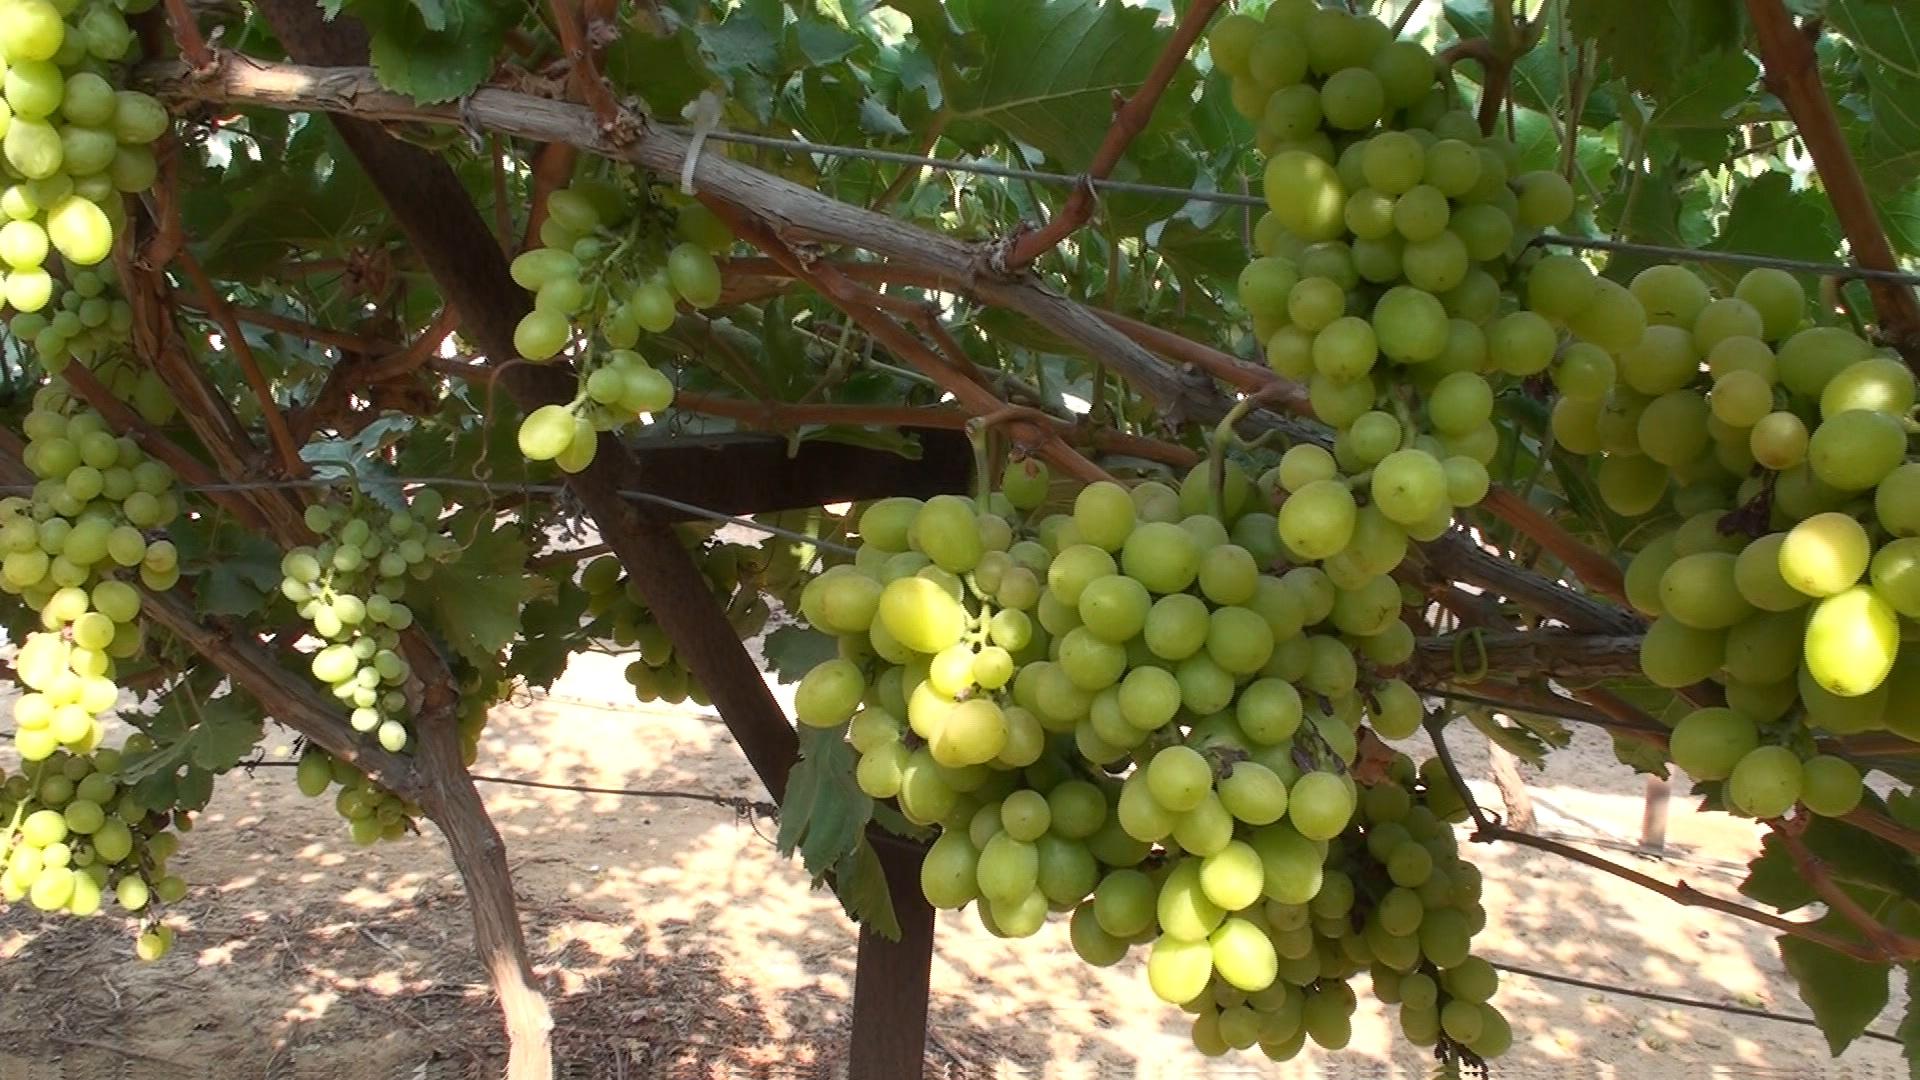 七作物系列之三:葡萄3-6